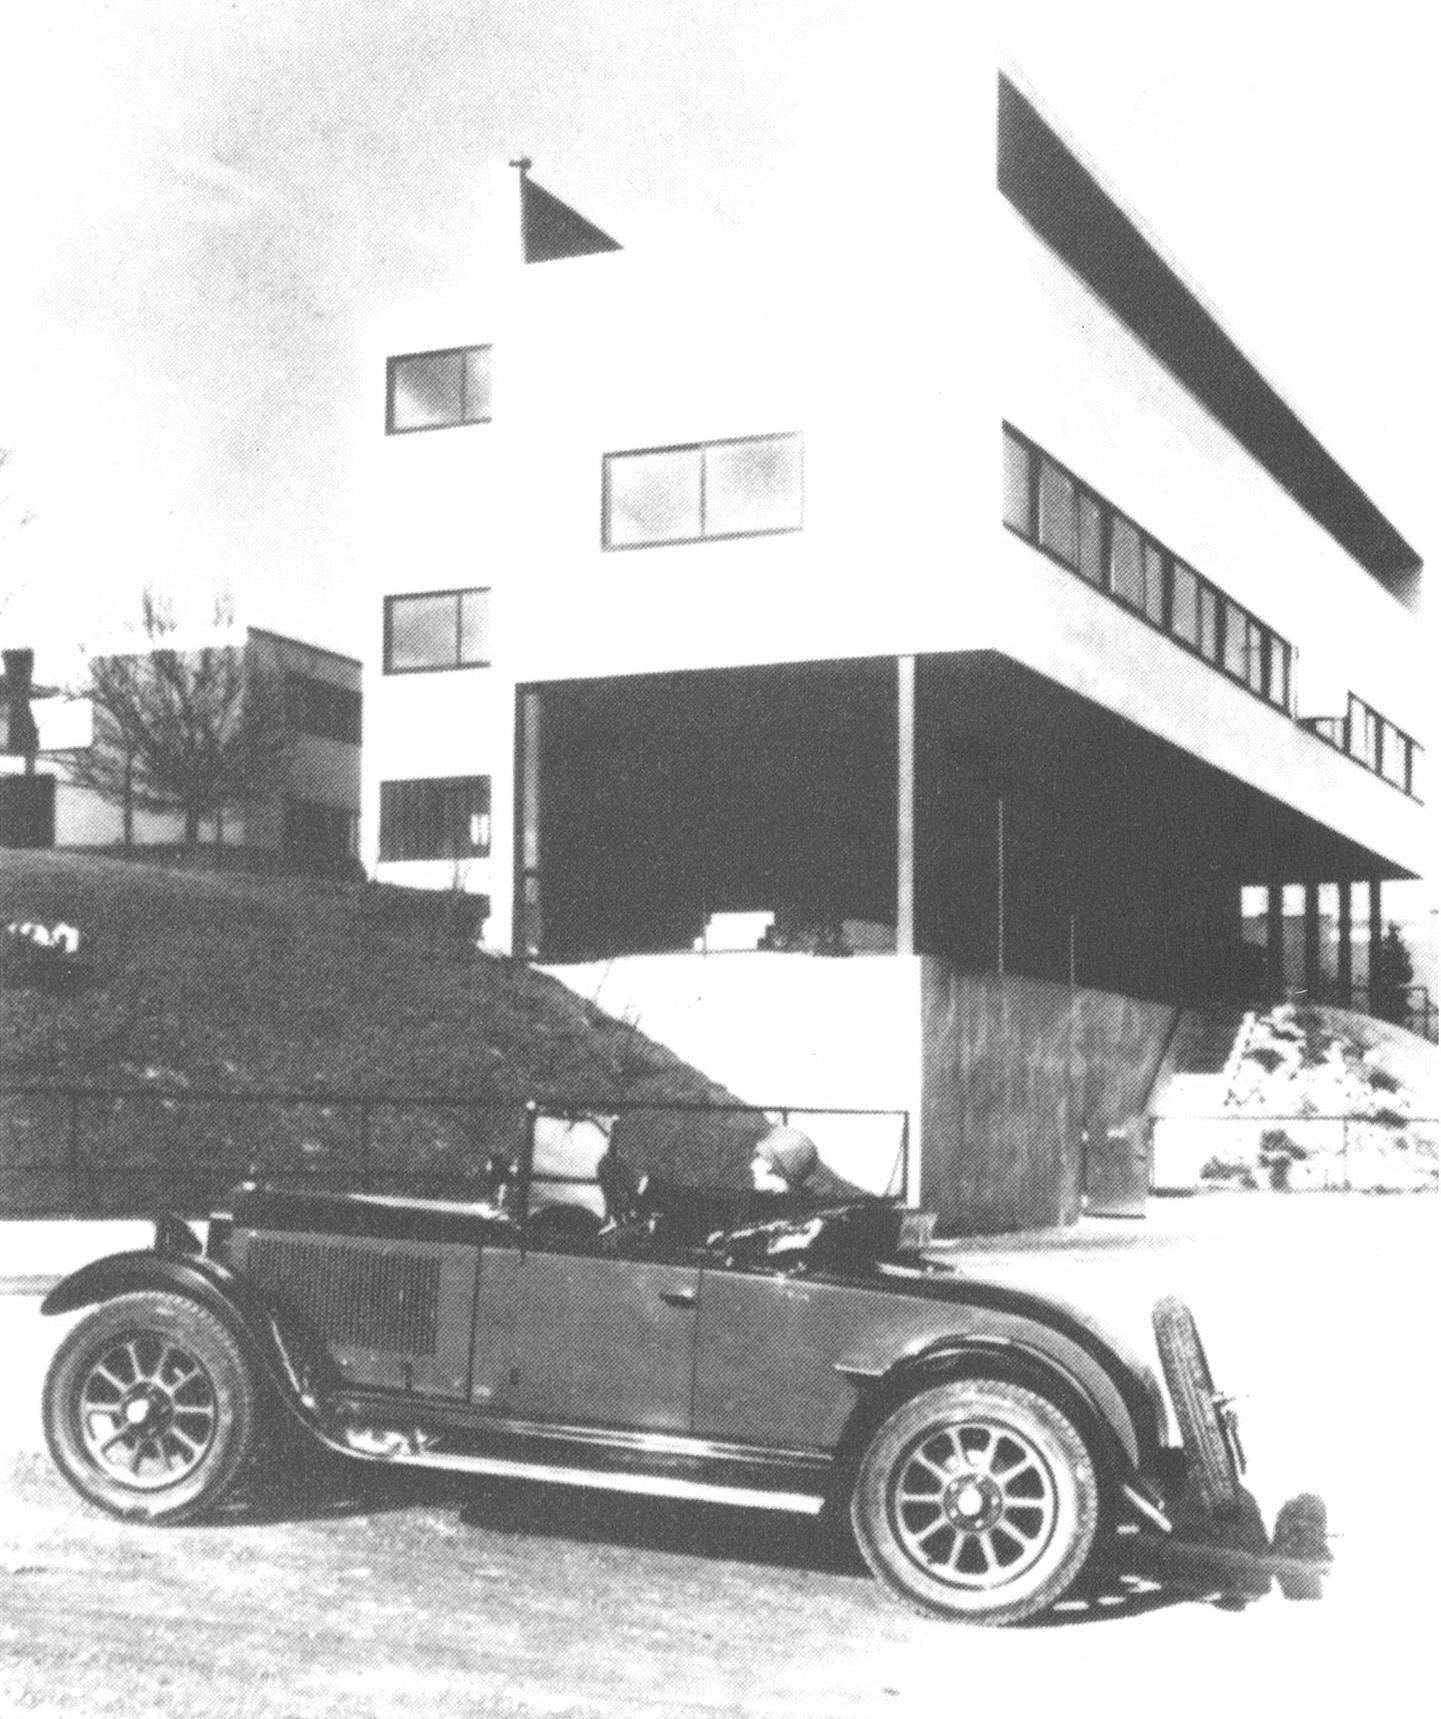 住宅と車 ル・コルビュジエ